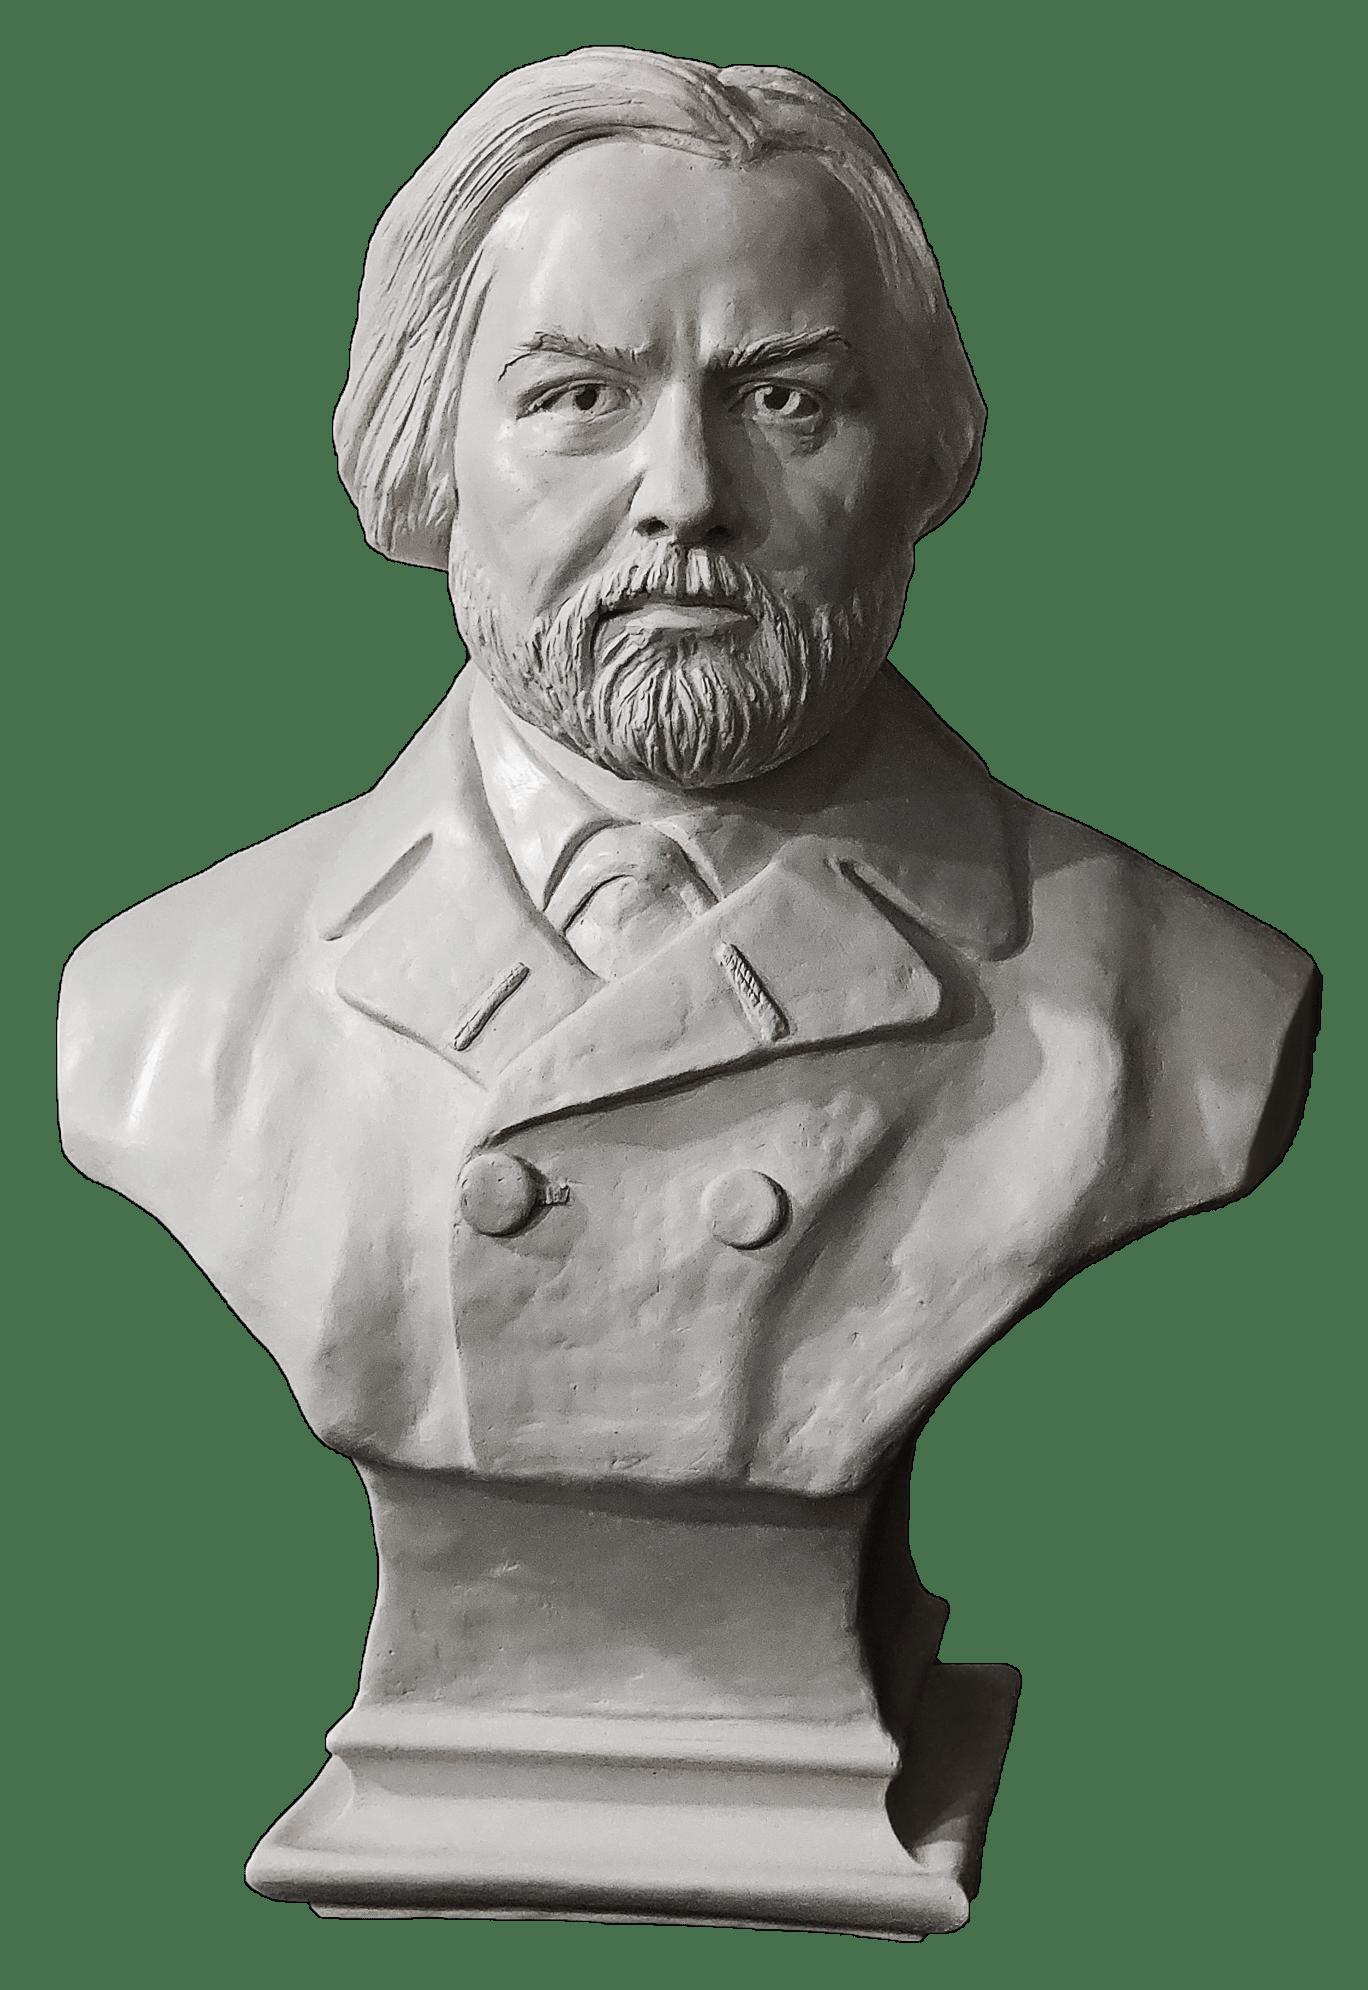 Бюст. Глинка, Михаил Иванович